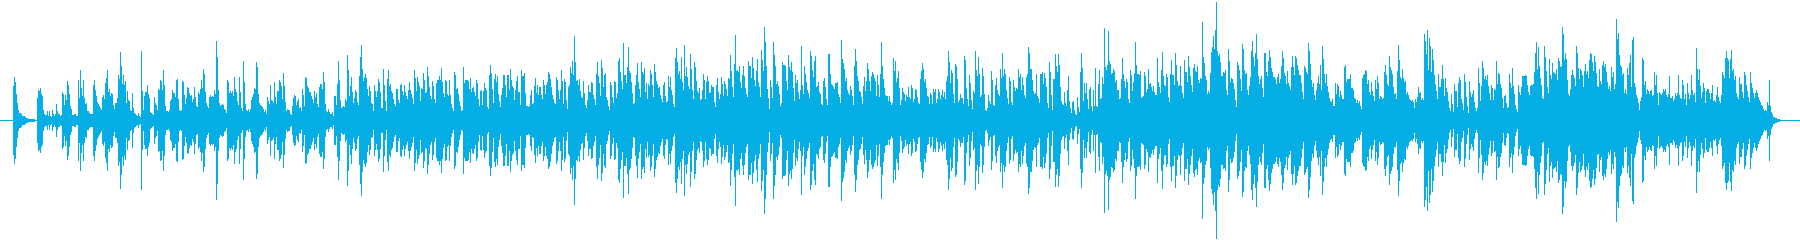 ジャズワルツの讃美歌の再生済みの波形